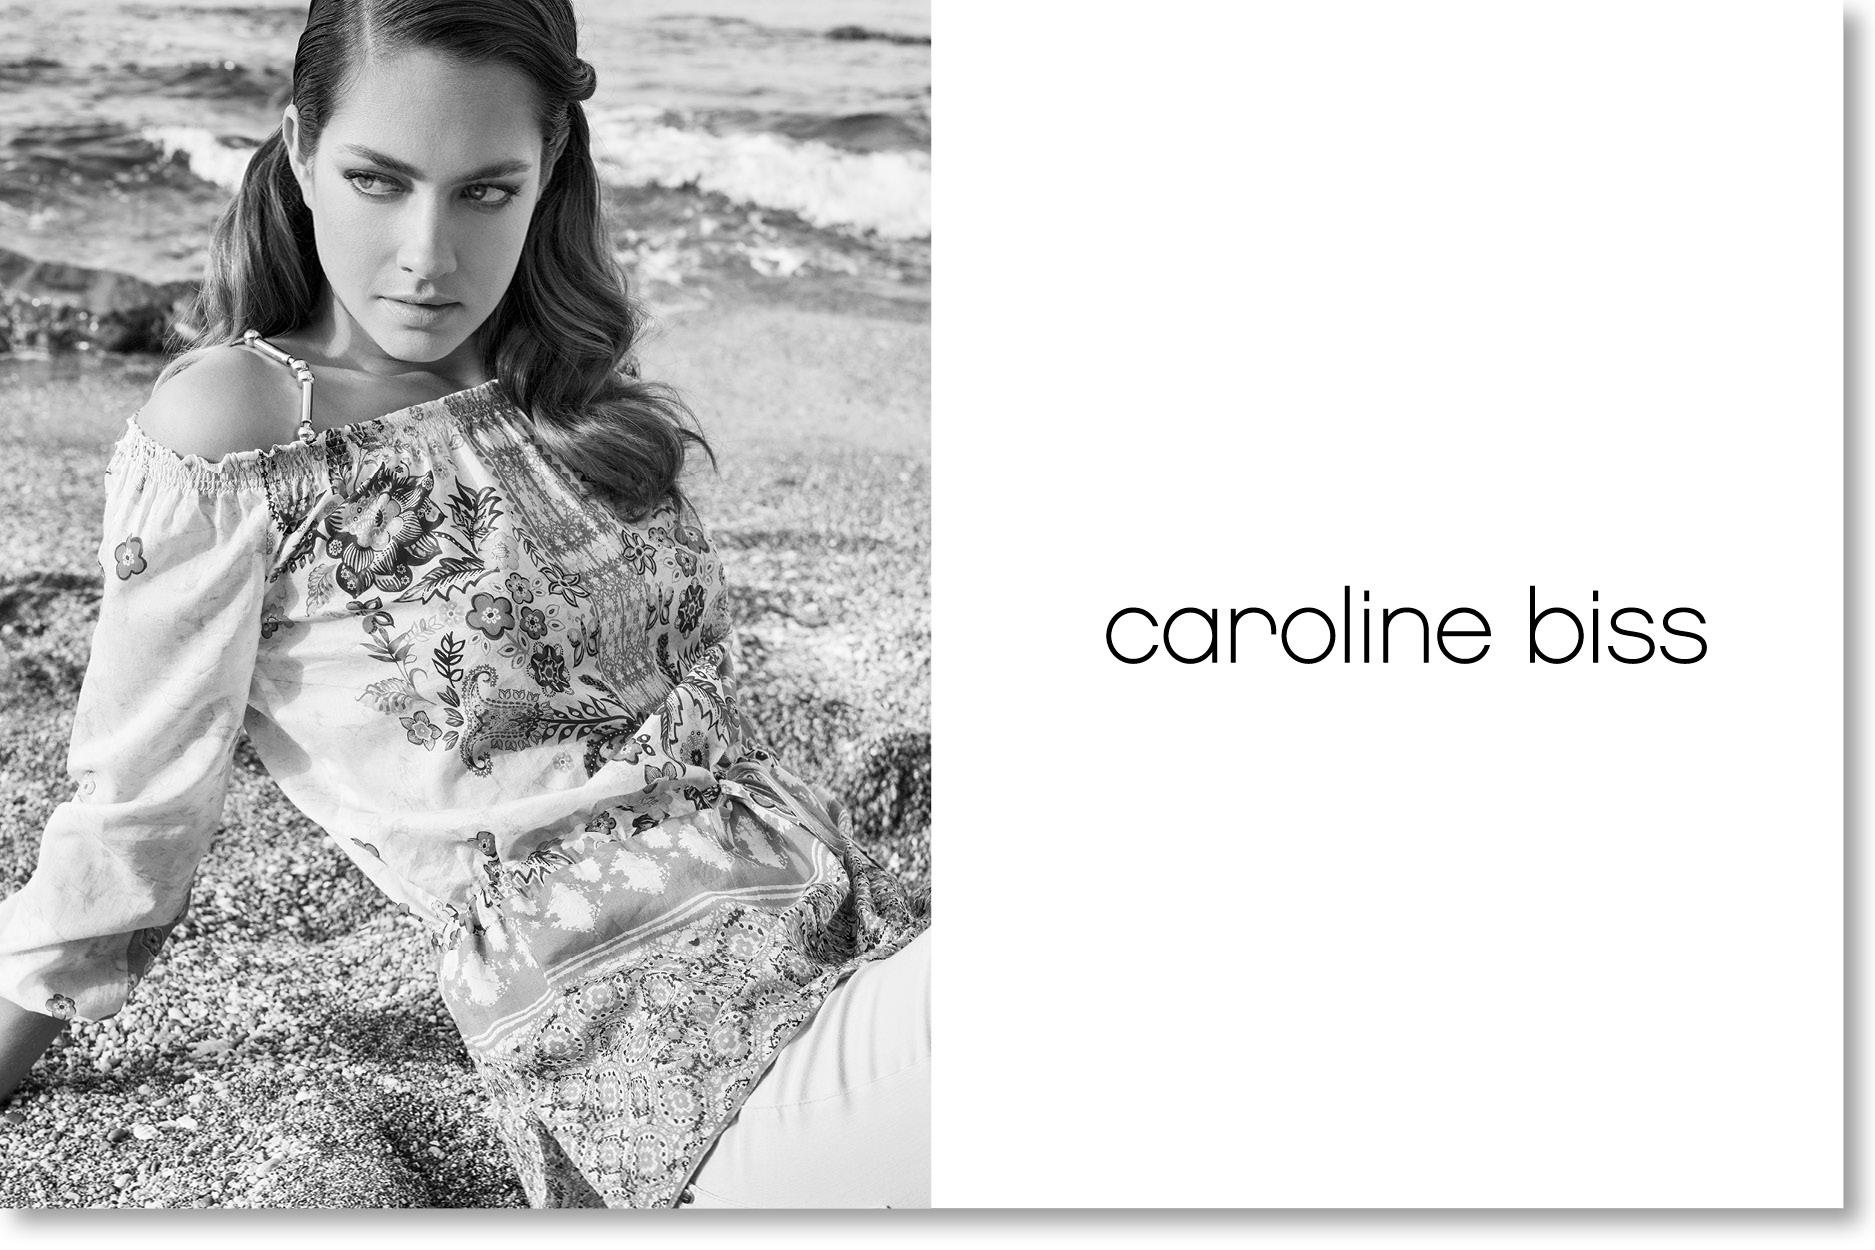 caroline_biss_summer_imageboulevard5